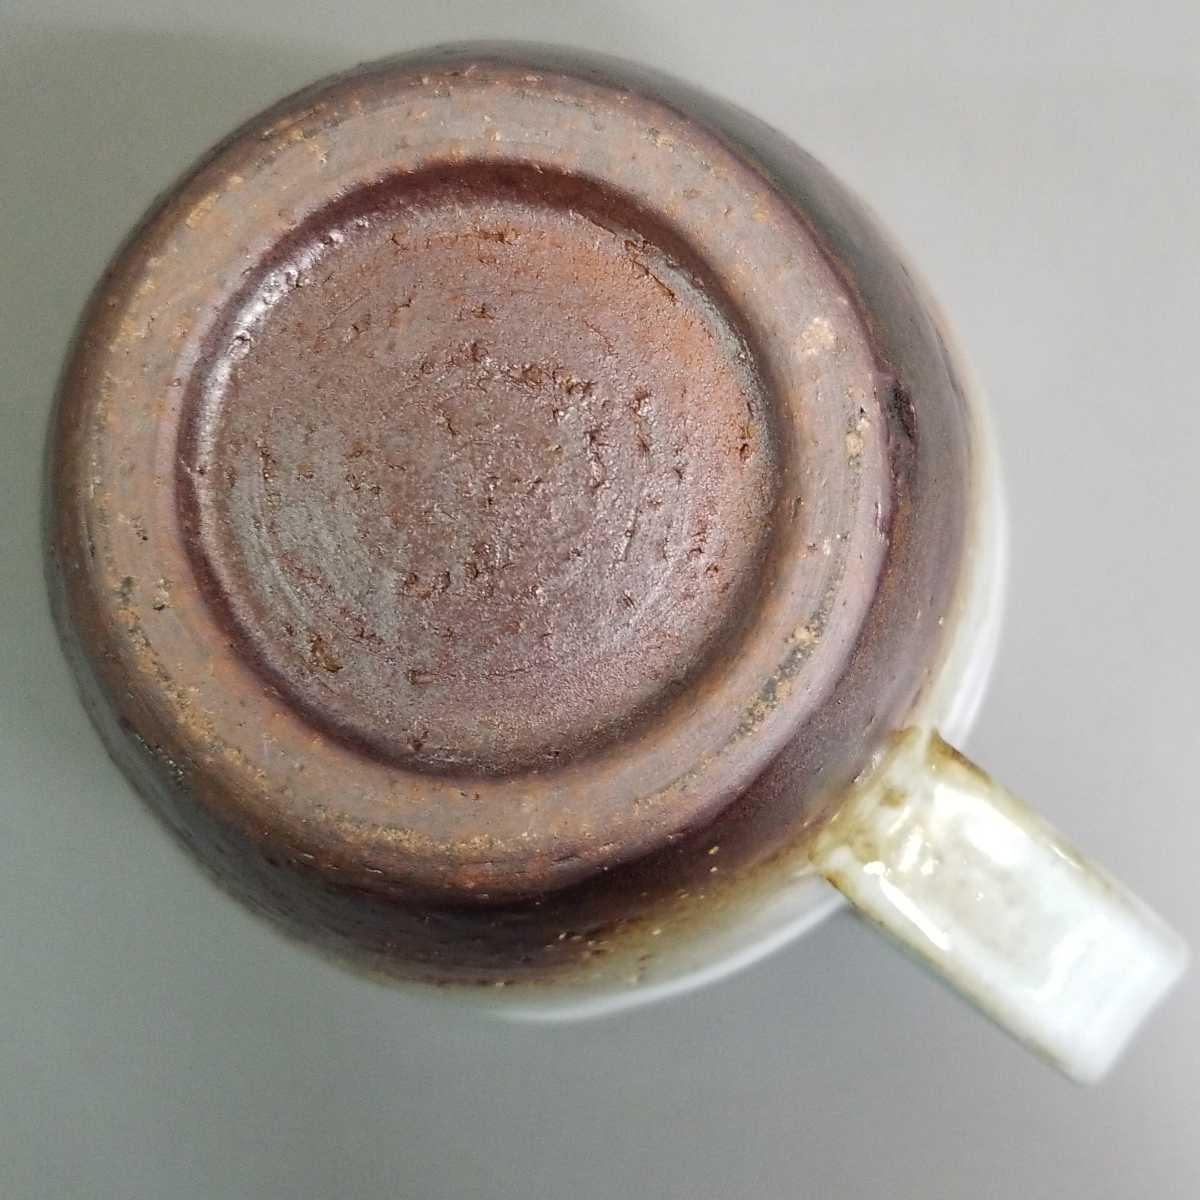 辞64)萩焼 山根清玩 三彩マグカップ コーヒーカップ 珈琲器 未使用新品 同梱歓迎_画像6